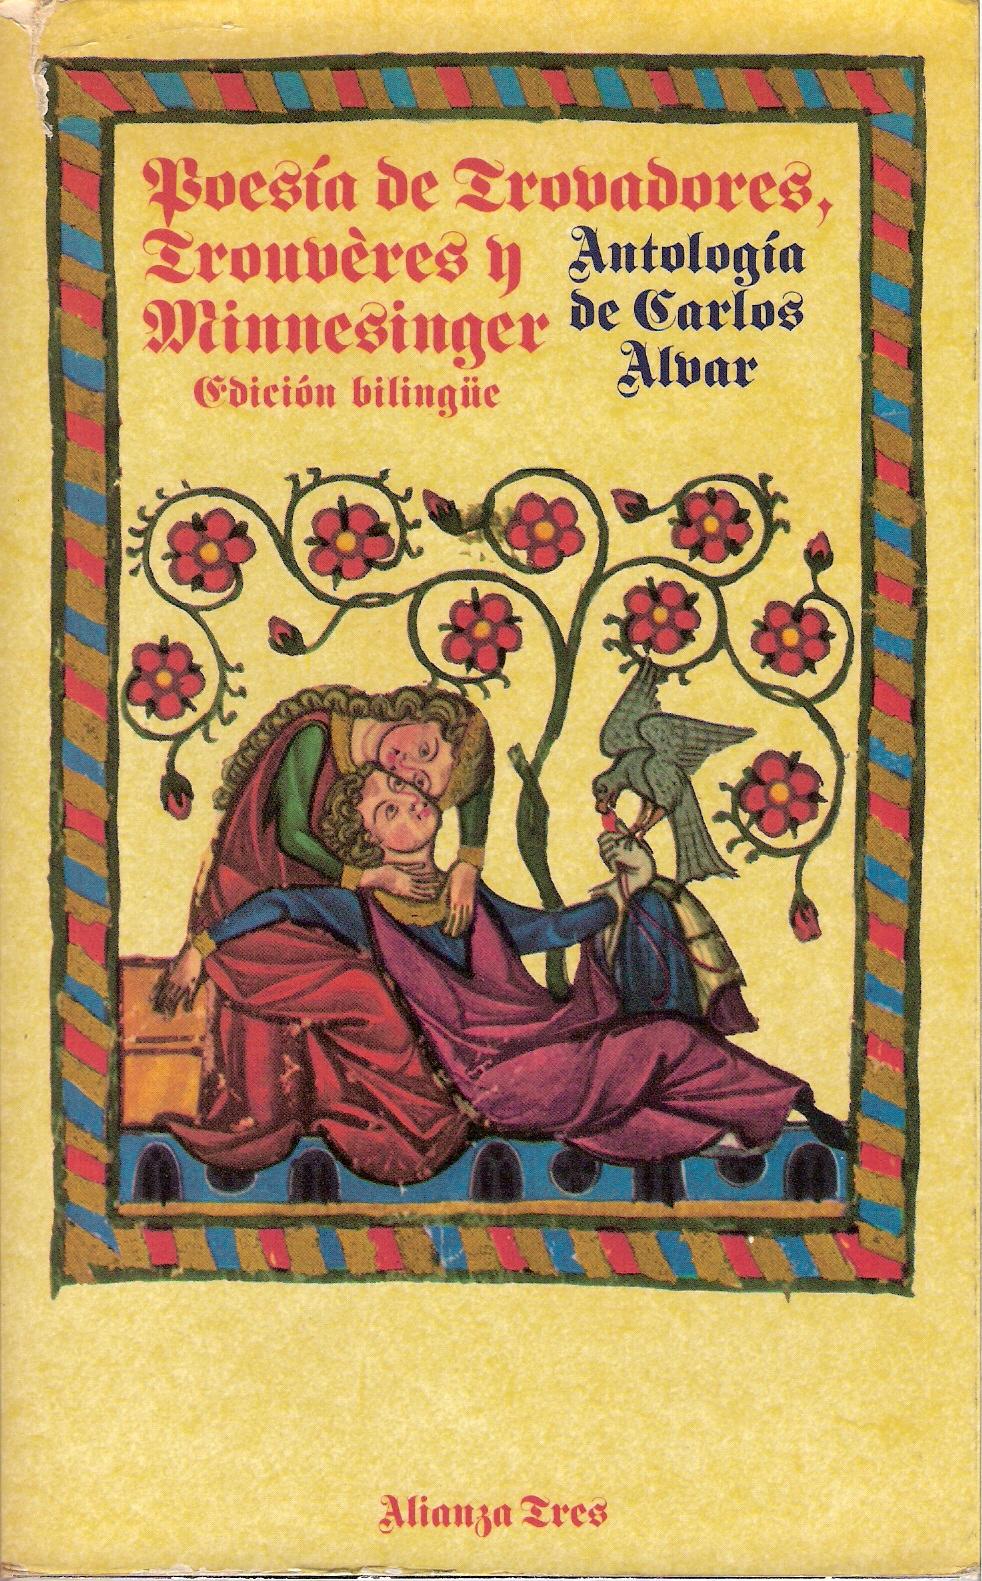 Poesía de trovadores, Trouvères y Minnesinger